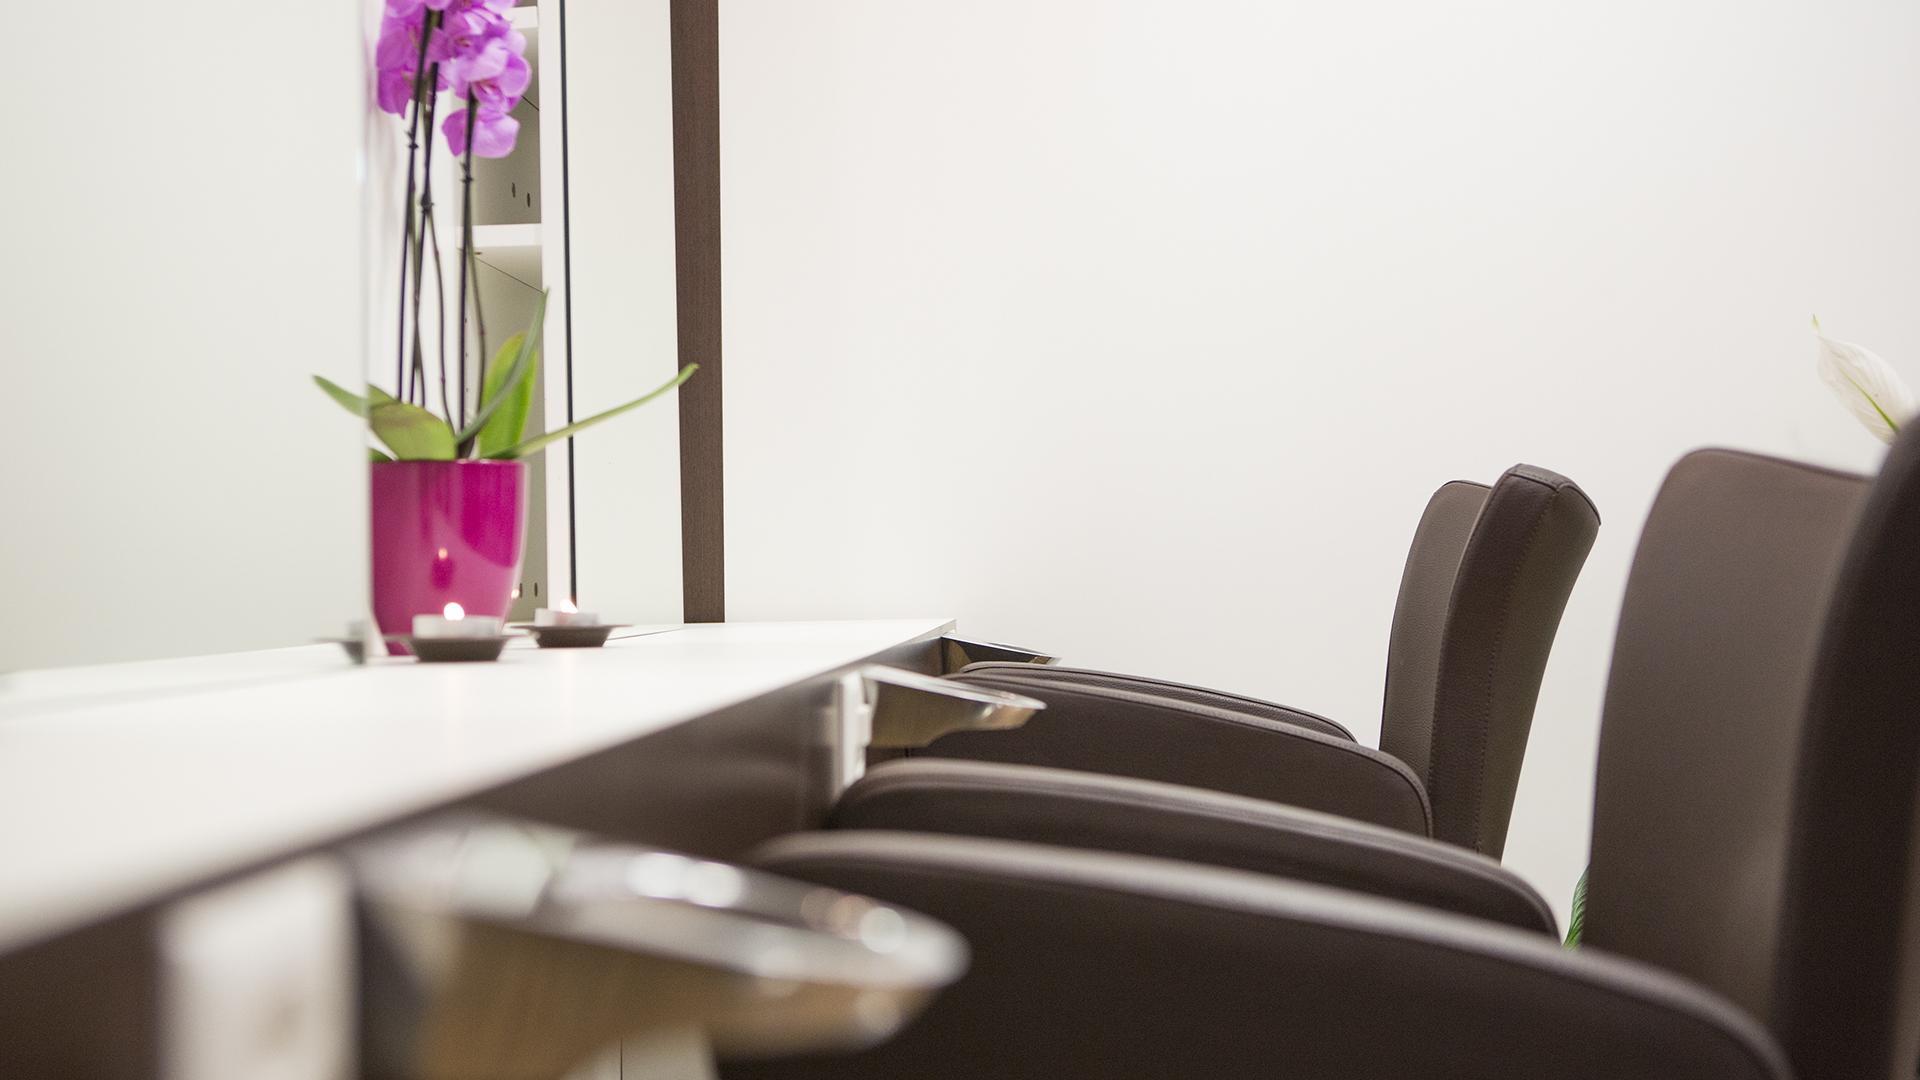 Salon de coiffure lido lausanne